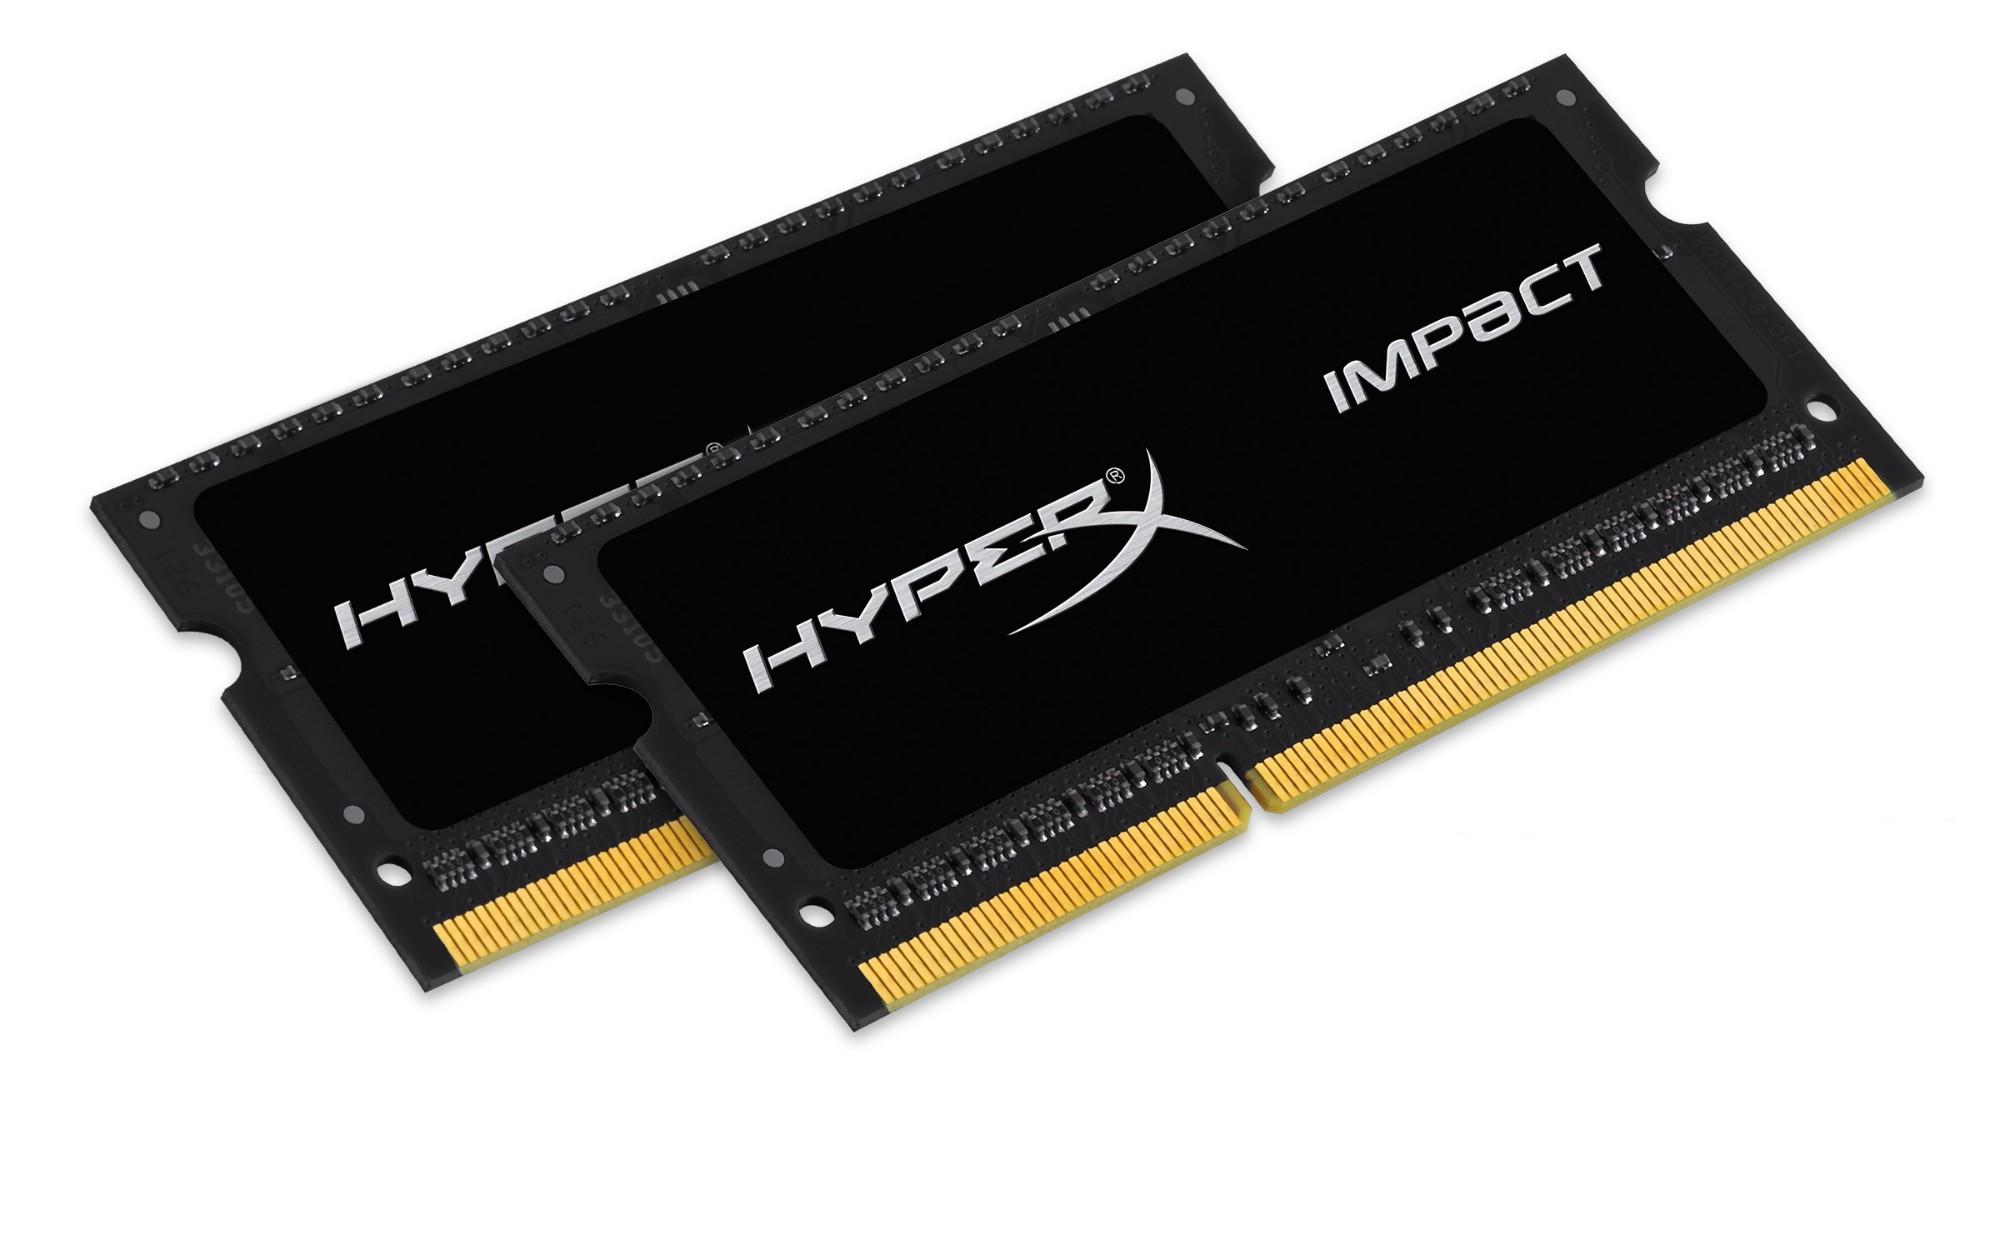 HyperX 16GB DDR3-1600 módulo de memoria 1600 MHz